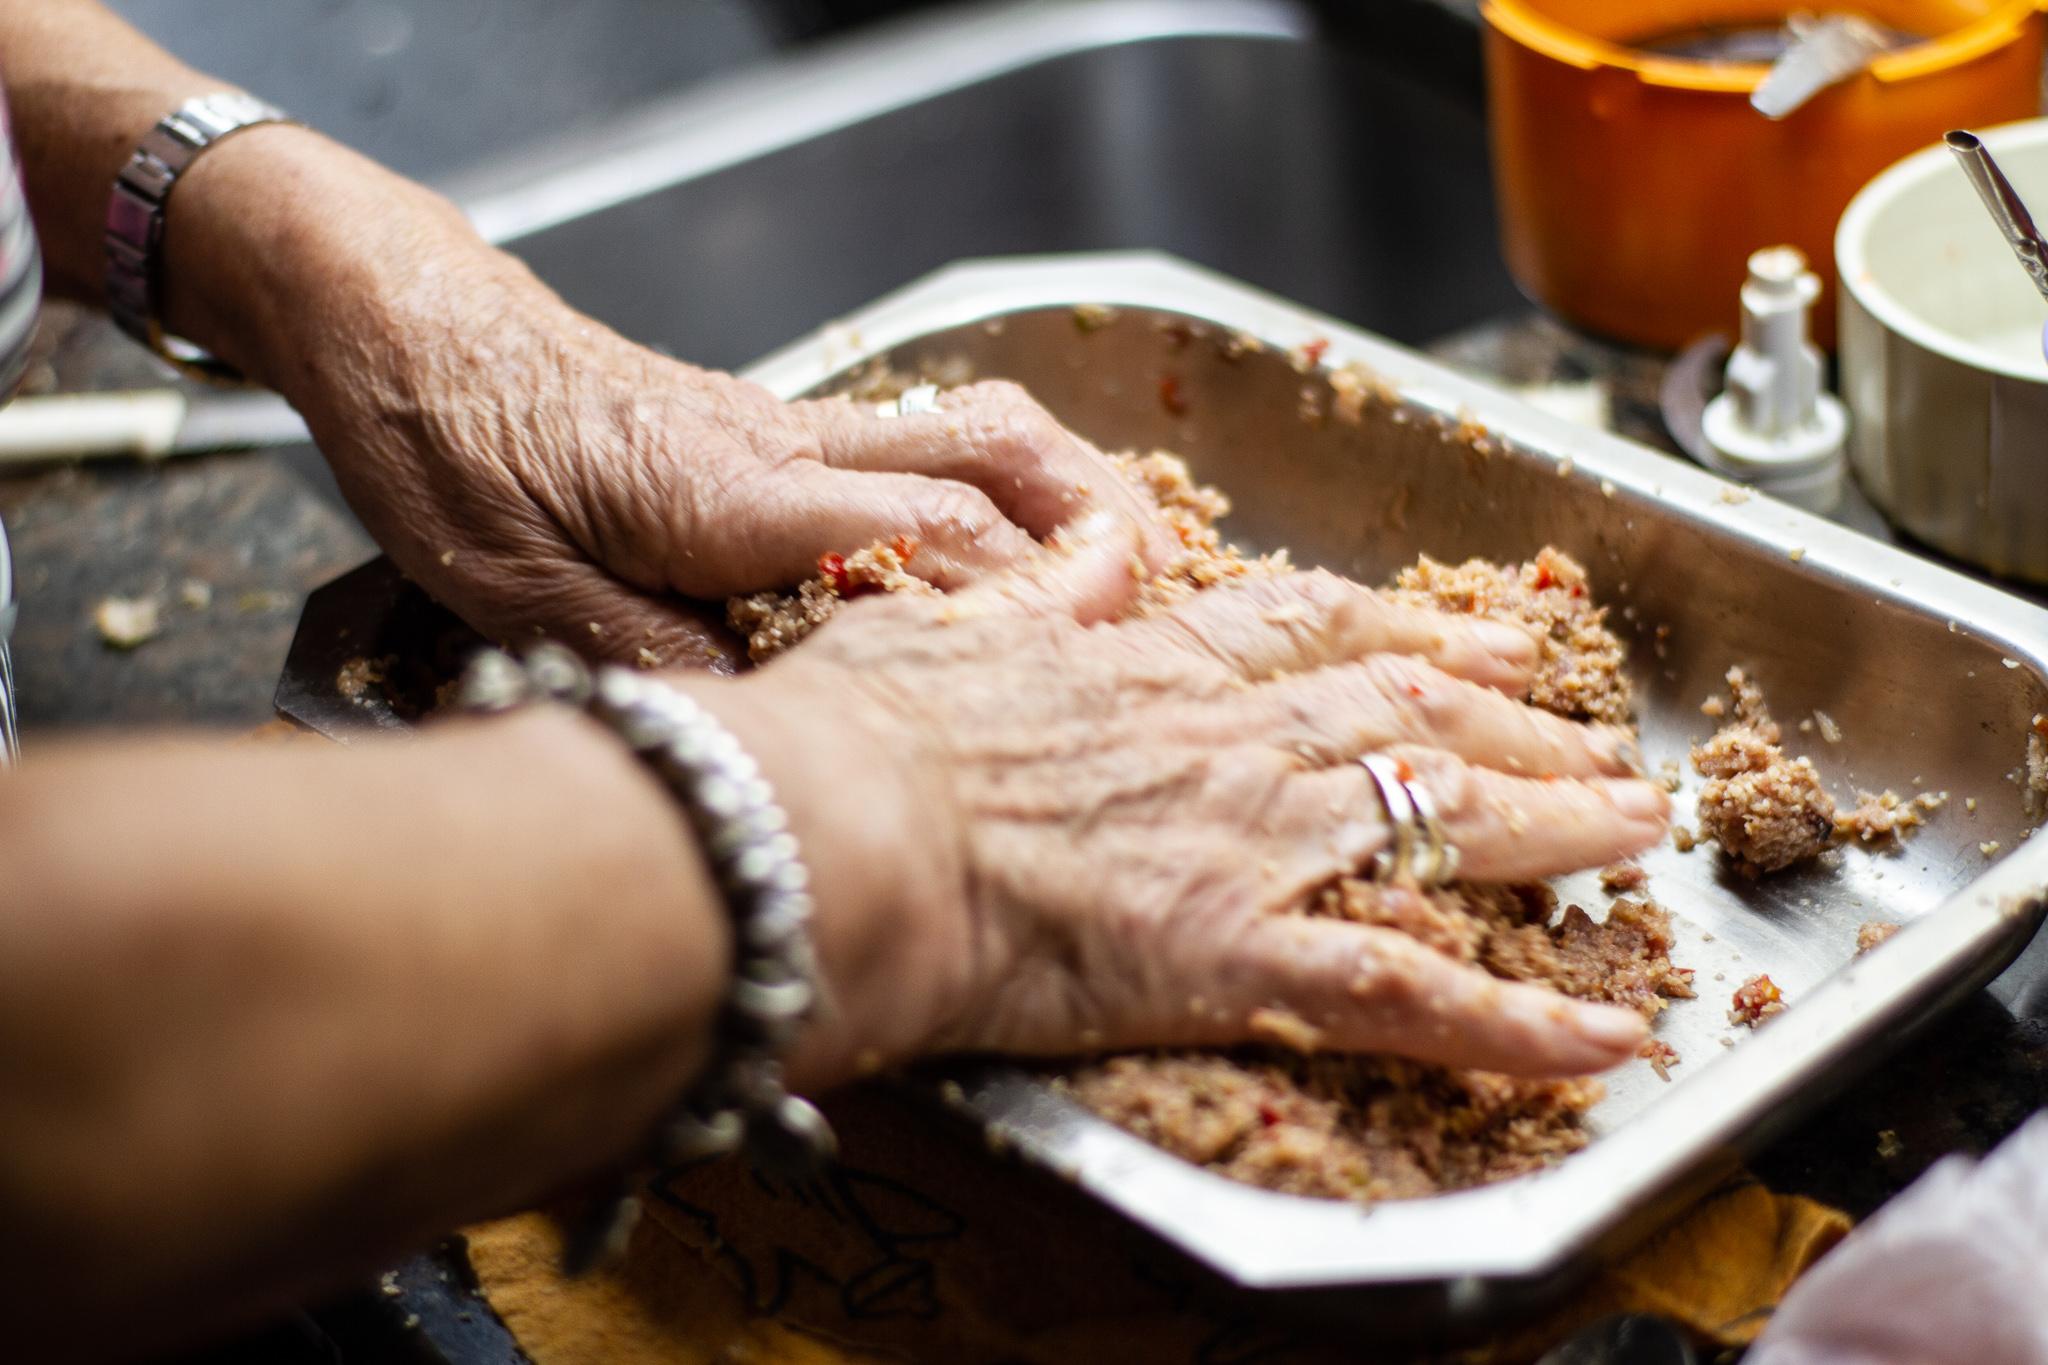 Aida pressing kibbi mixture into baking dish.